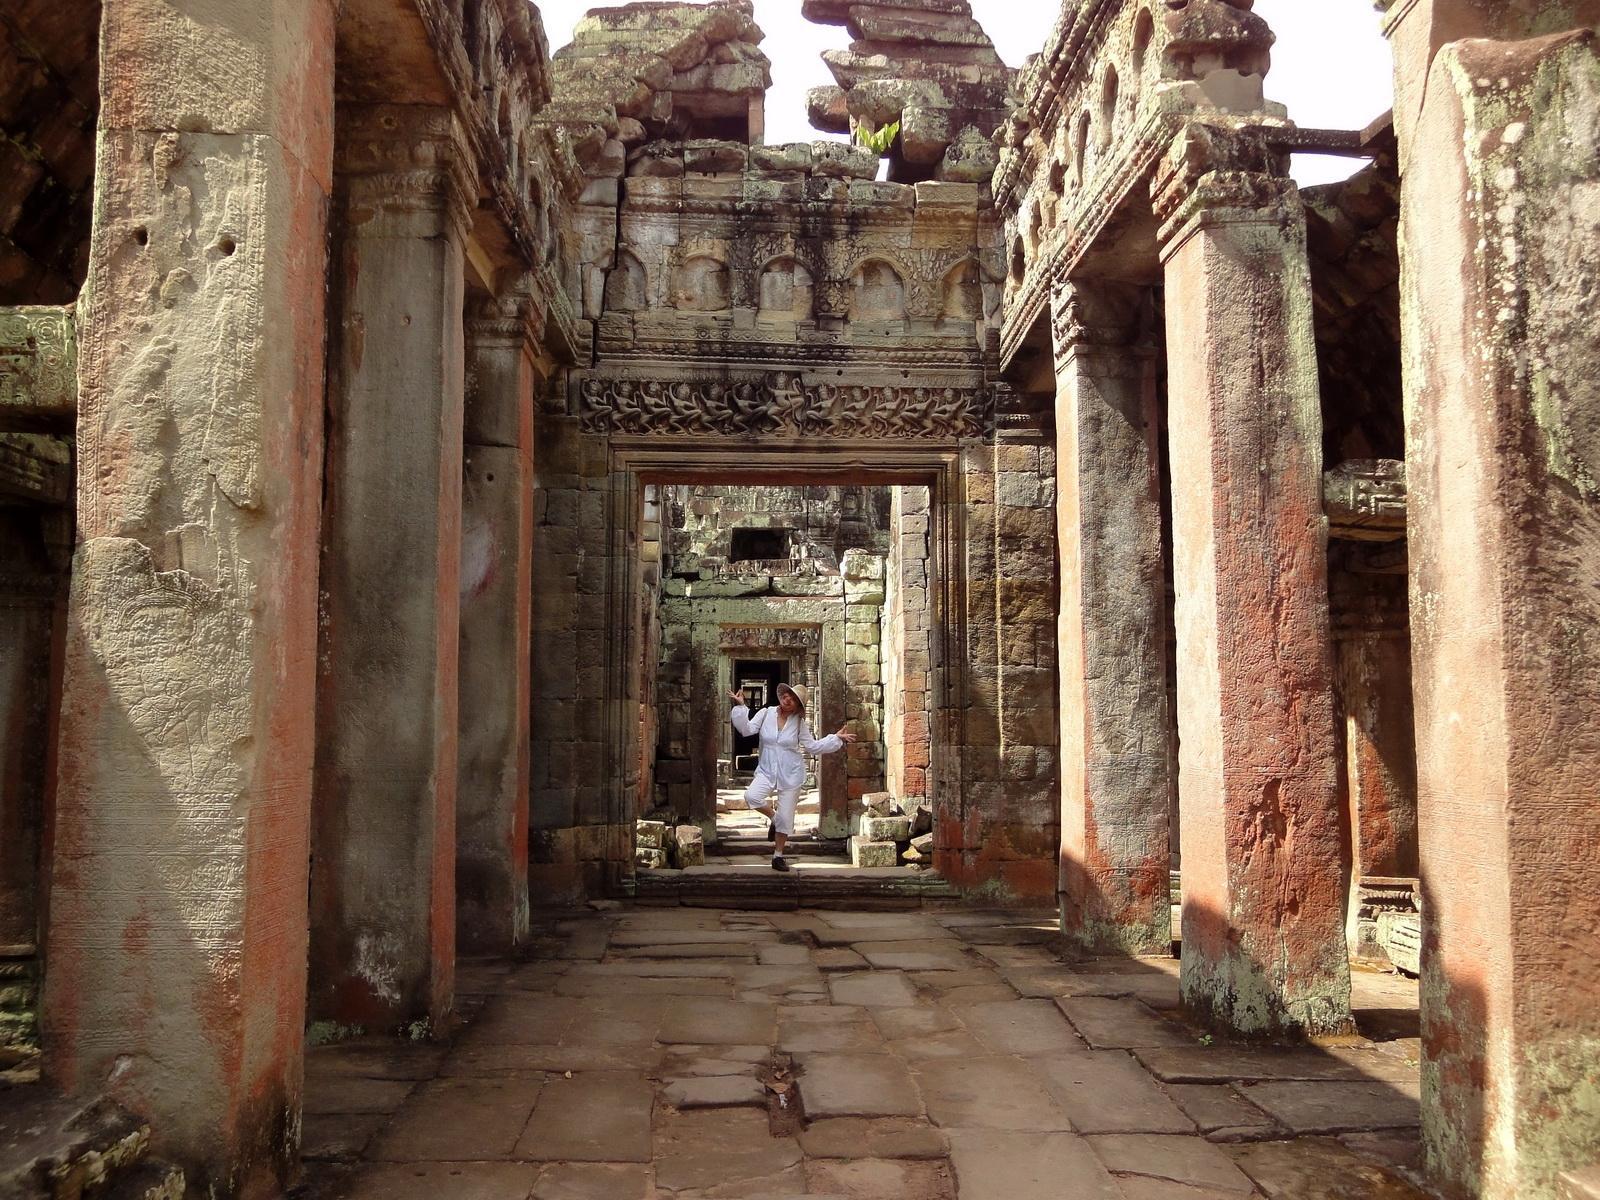 Preah Khan Temple Bas relief dancing Apsaras hall of dancers 05